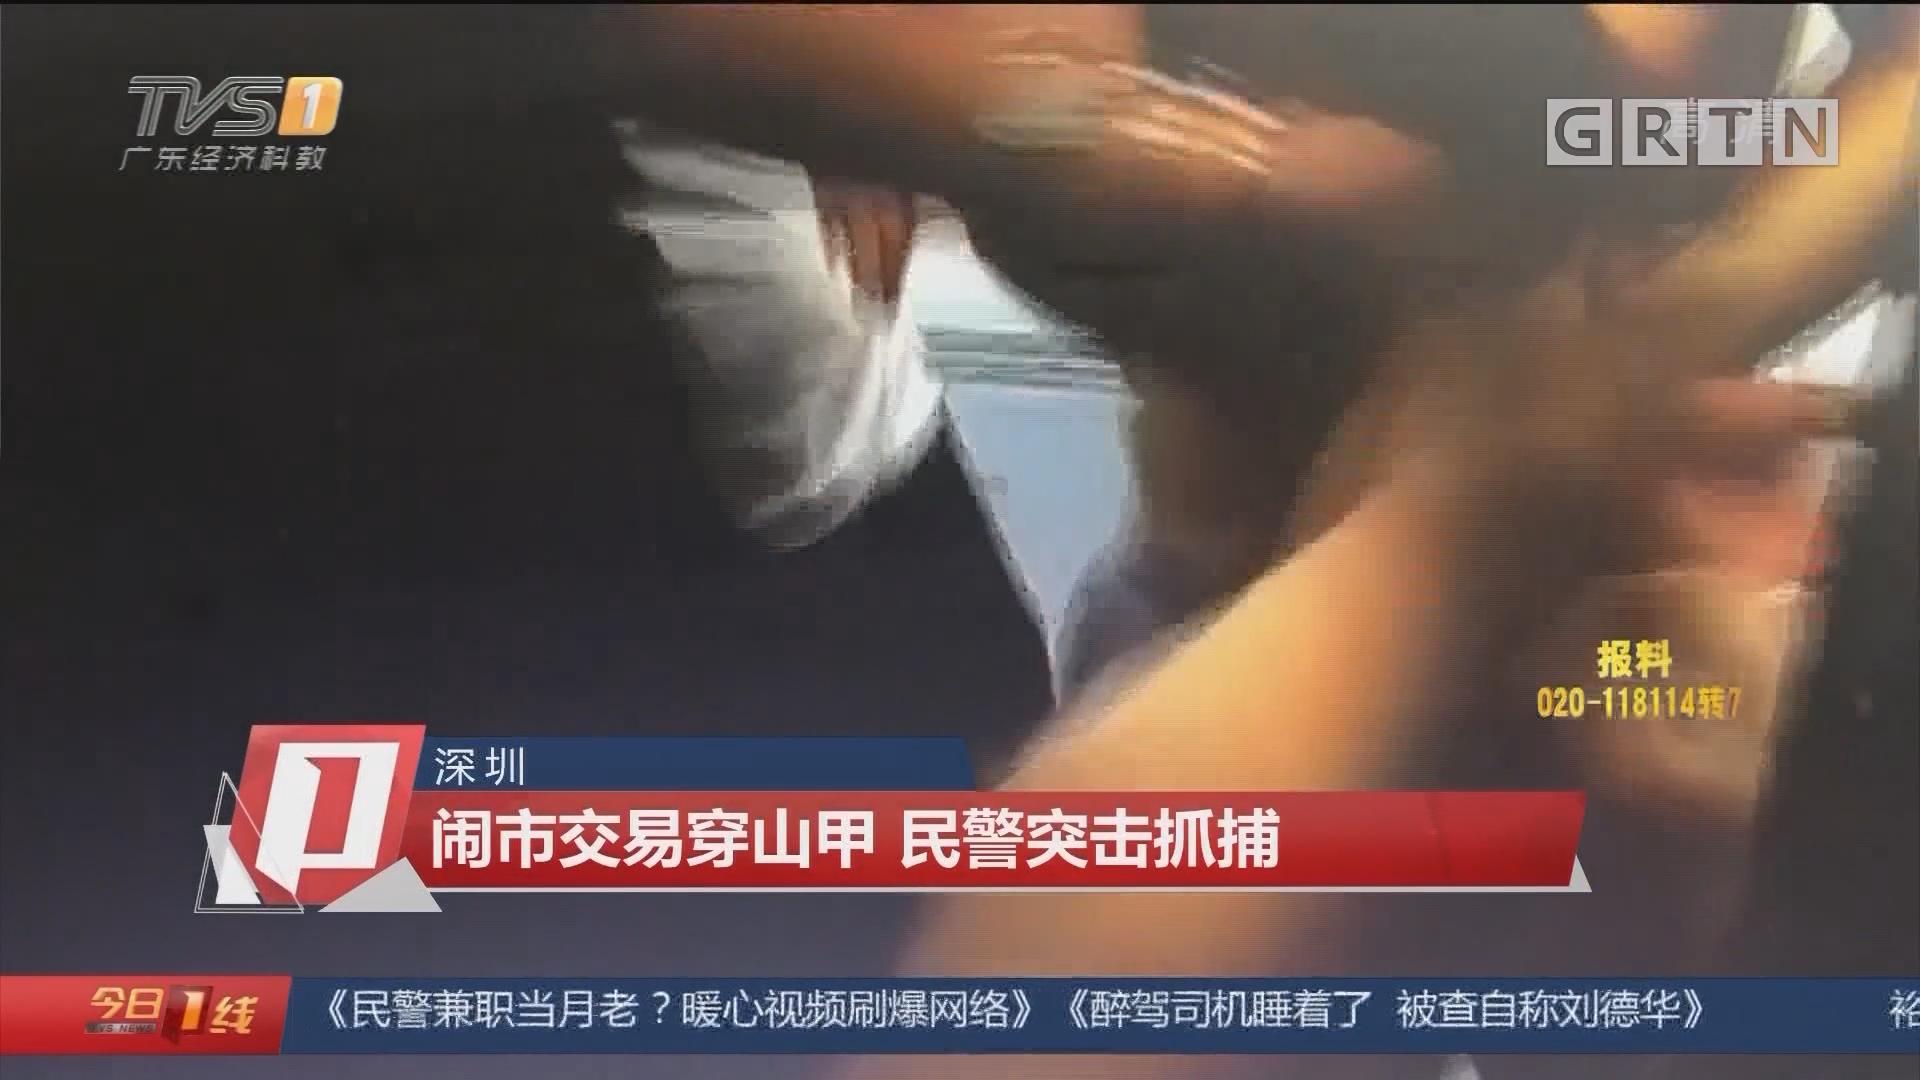 深圳:闹市交易穿山甲 民警突击抓捕